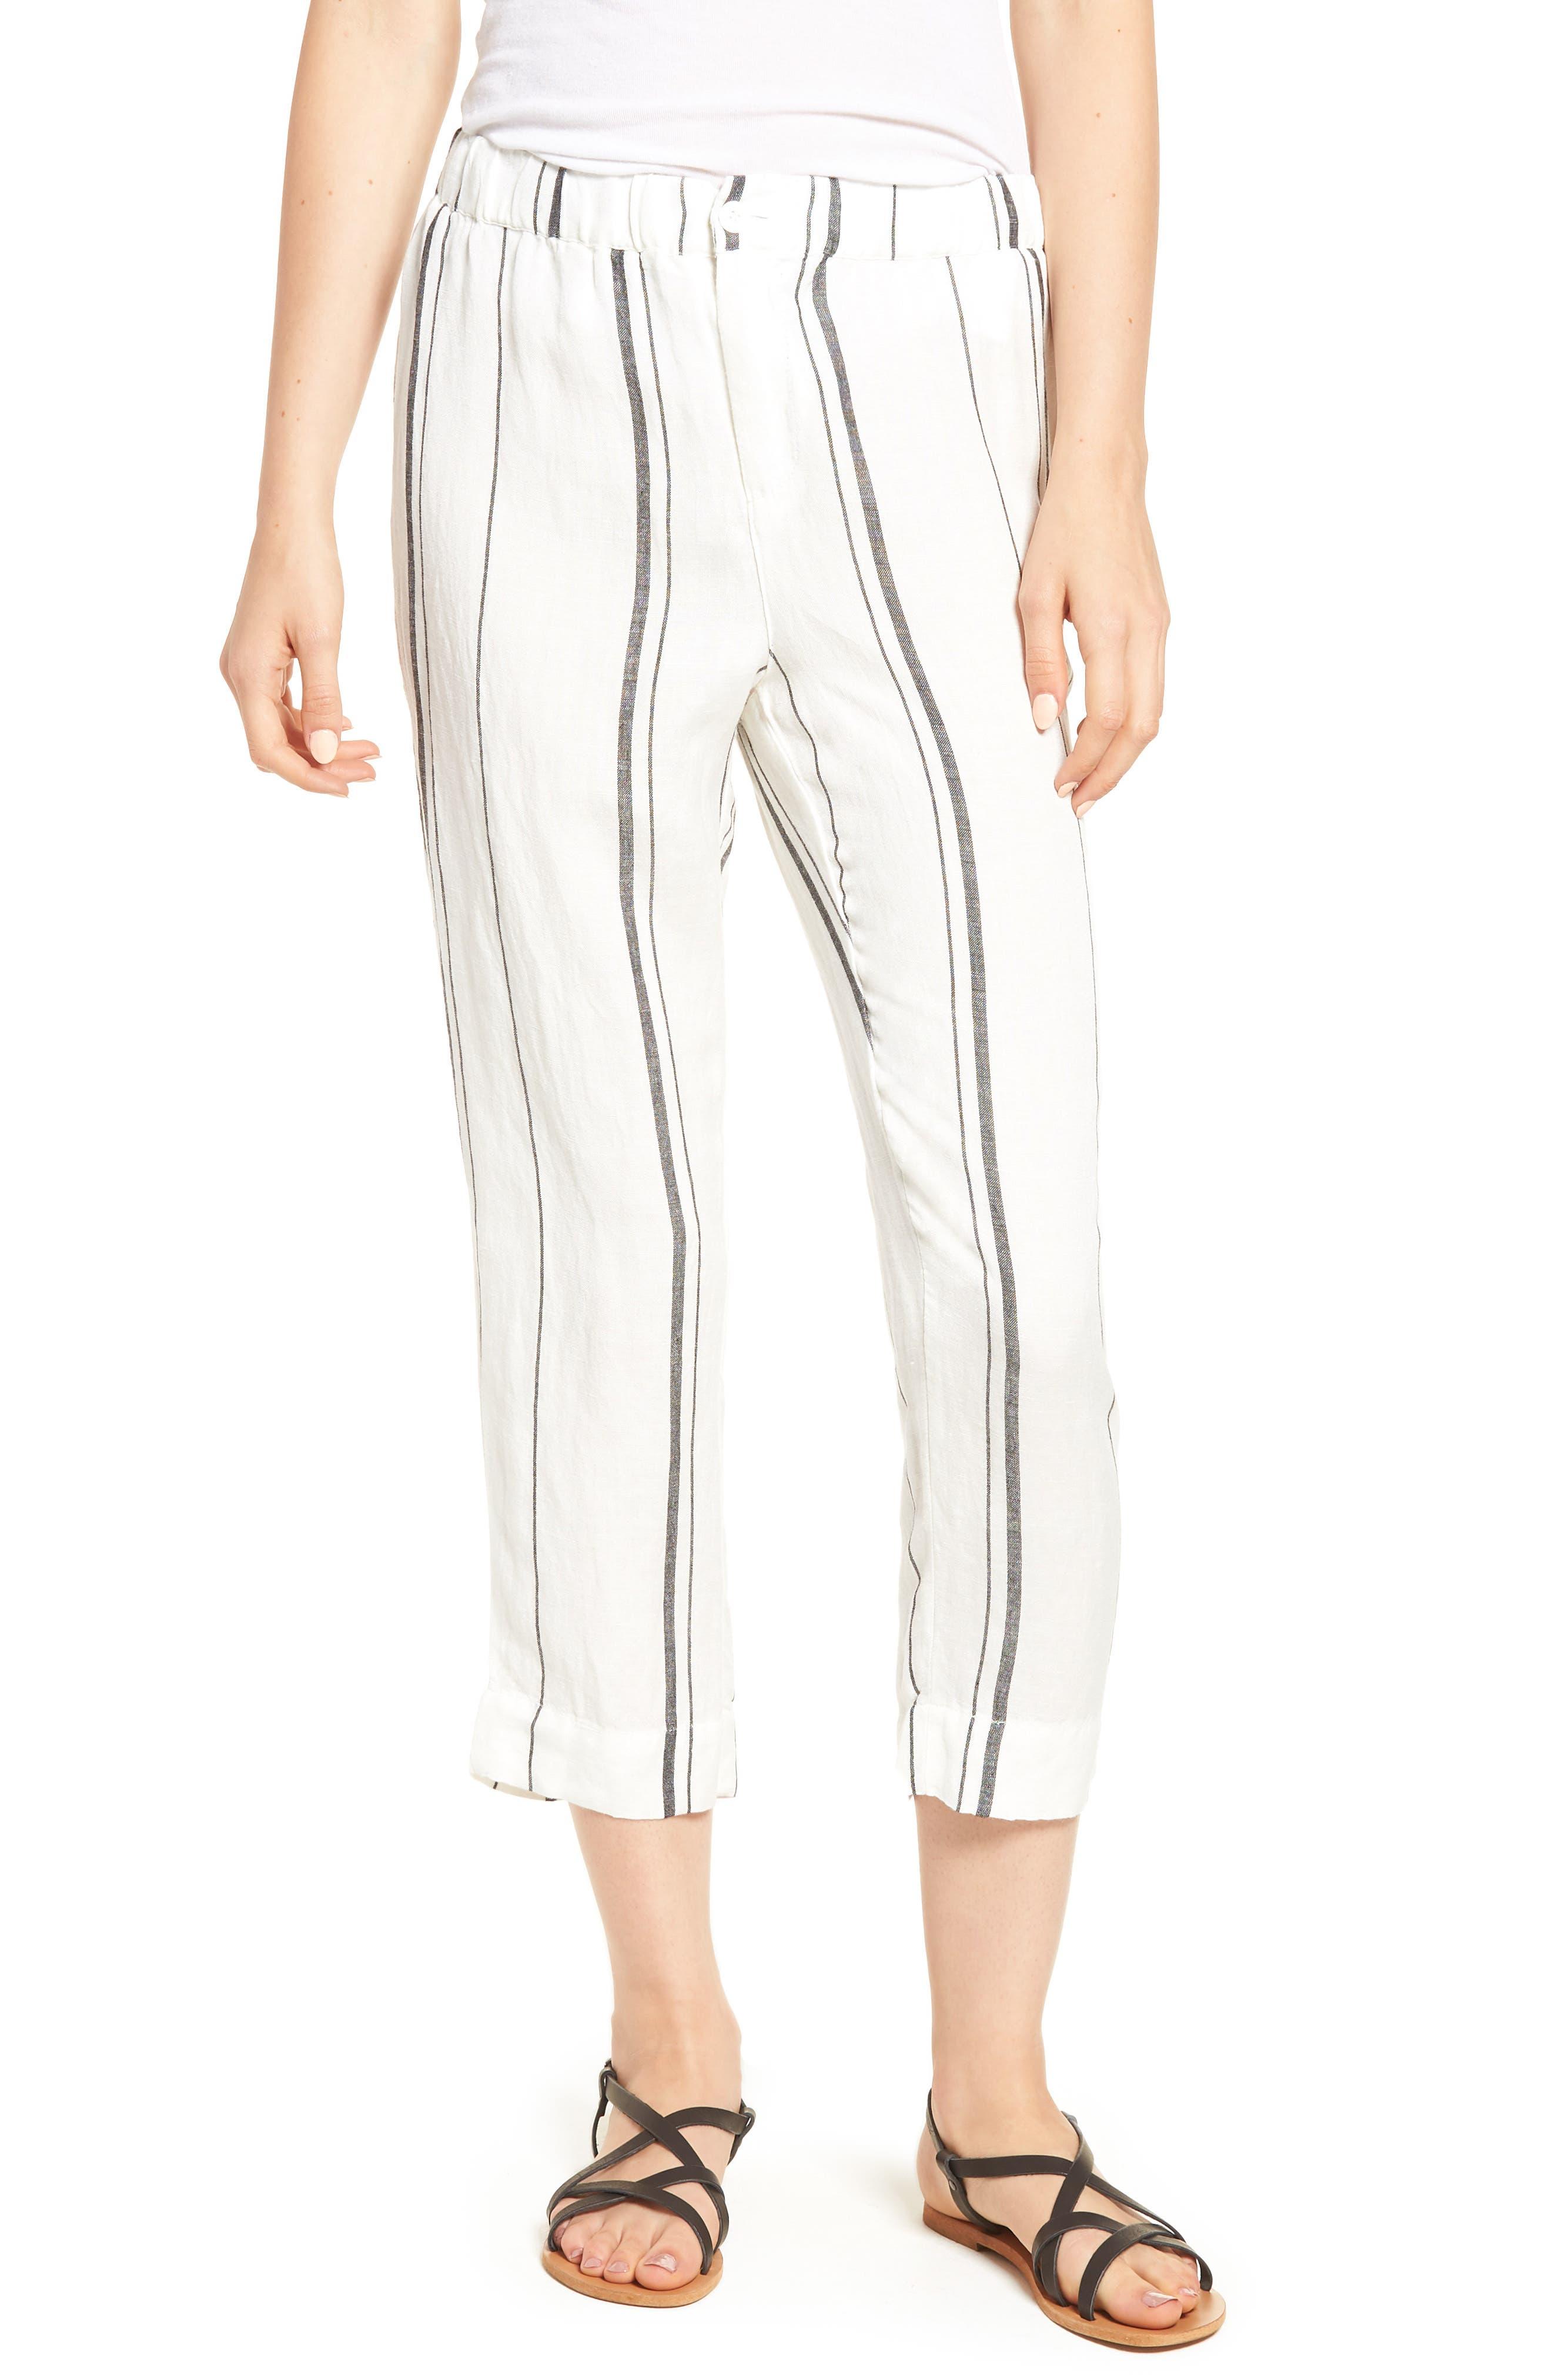 Annika Stripe Crop Pants,                             Main thumbnail 1, color,                             Black/ White